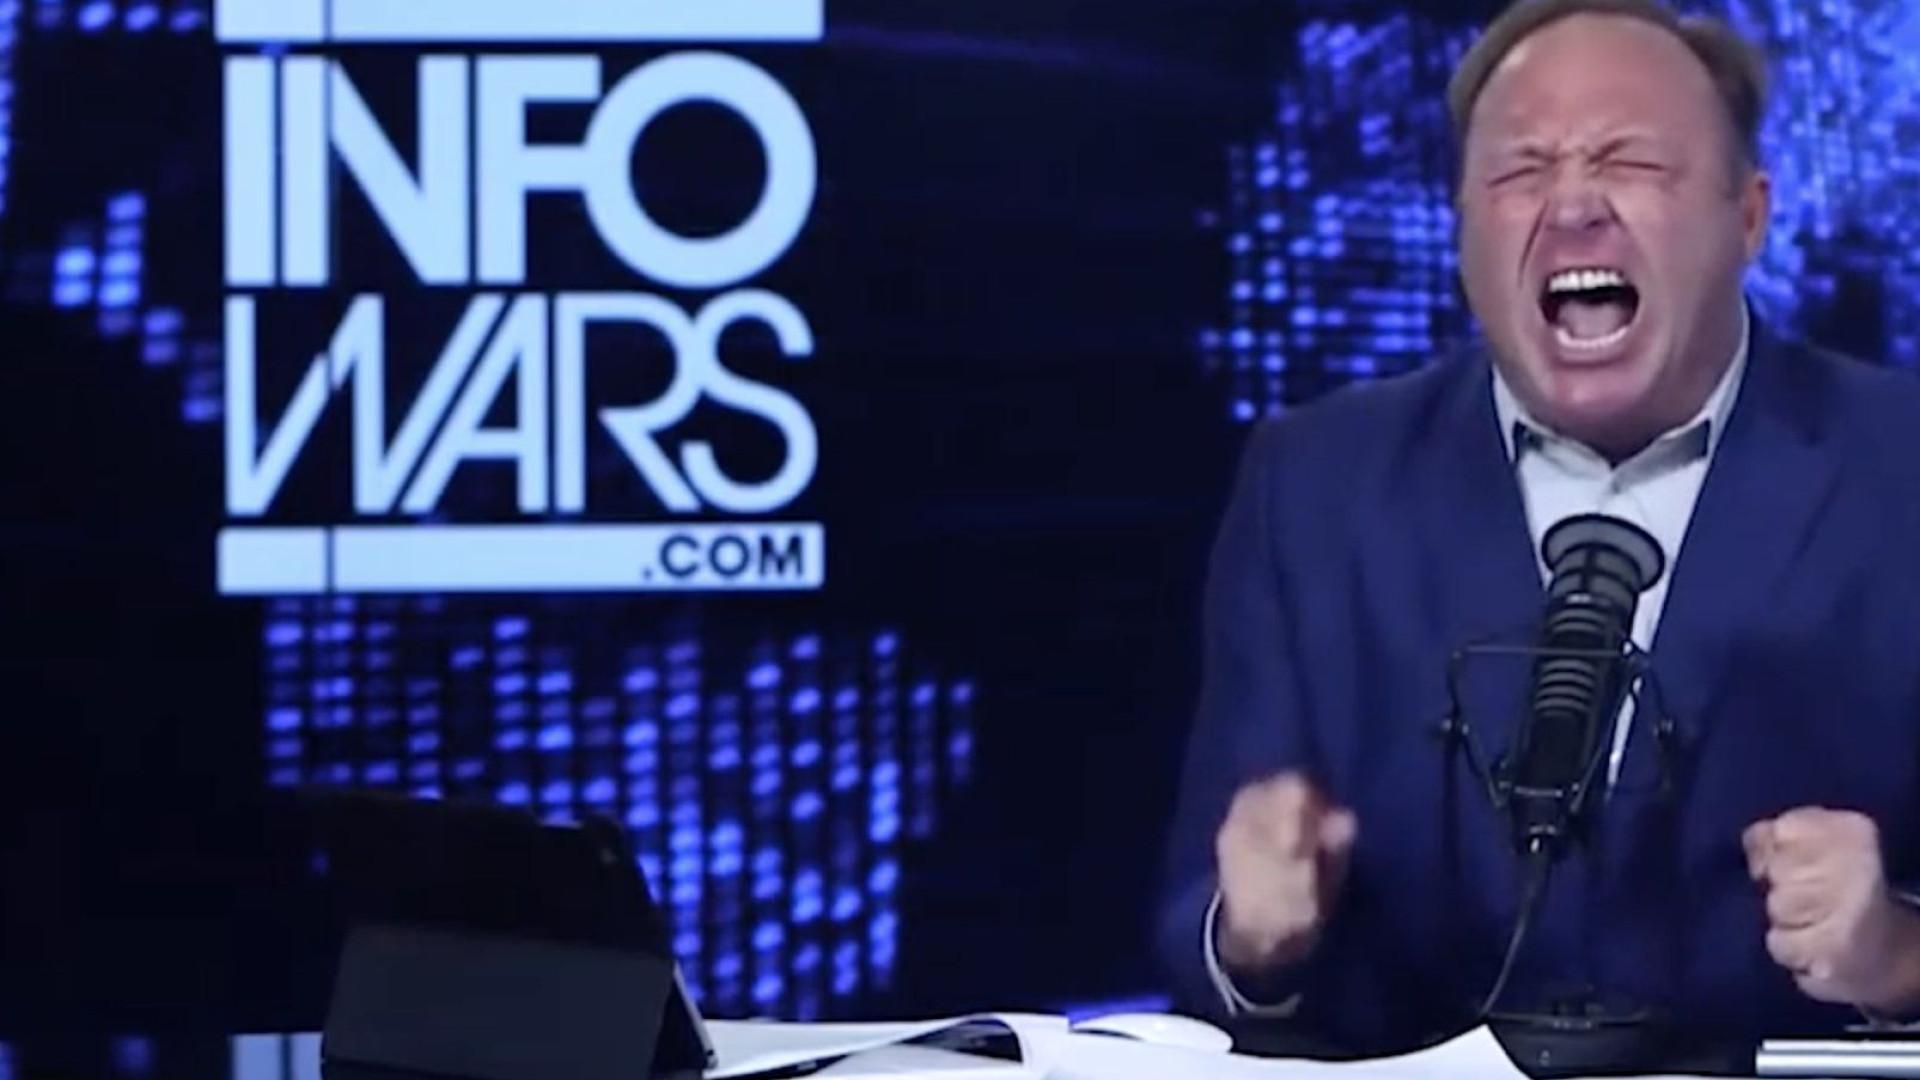 Conspiracionista banido por gigantes tecnológicas e site pornográfico